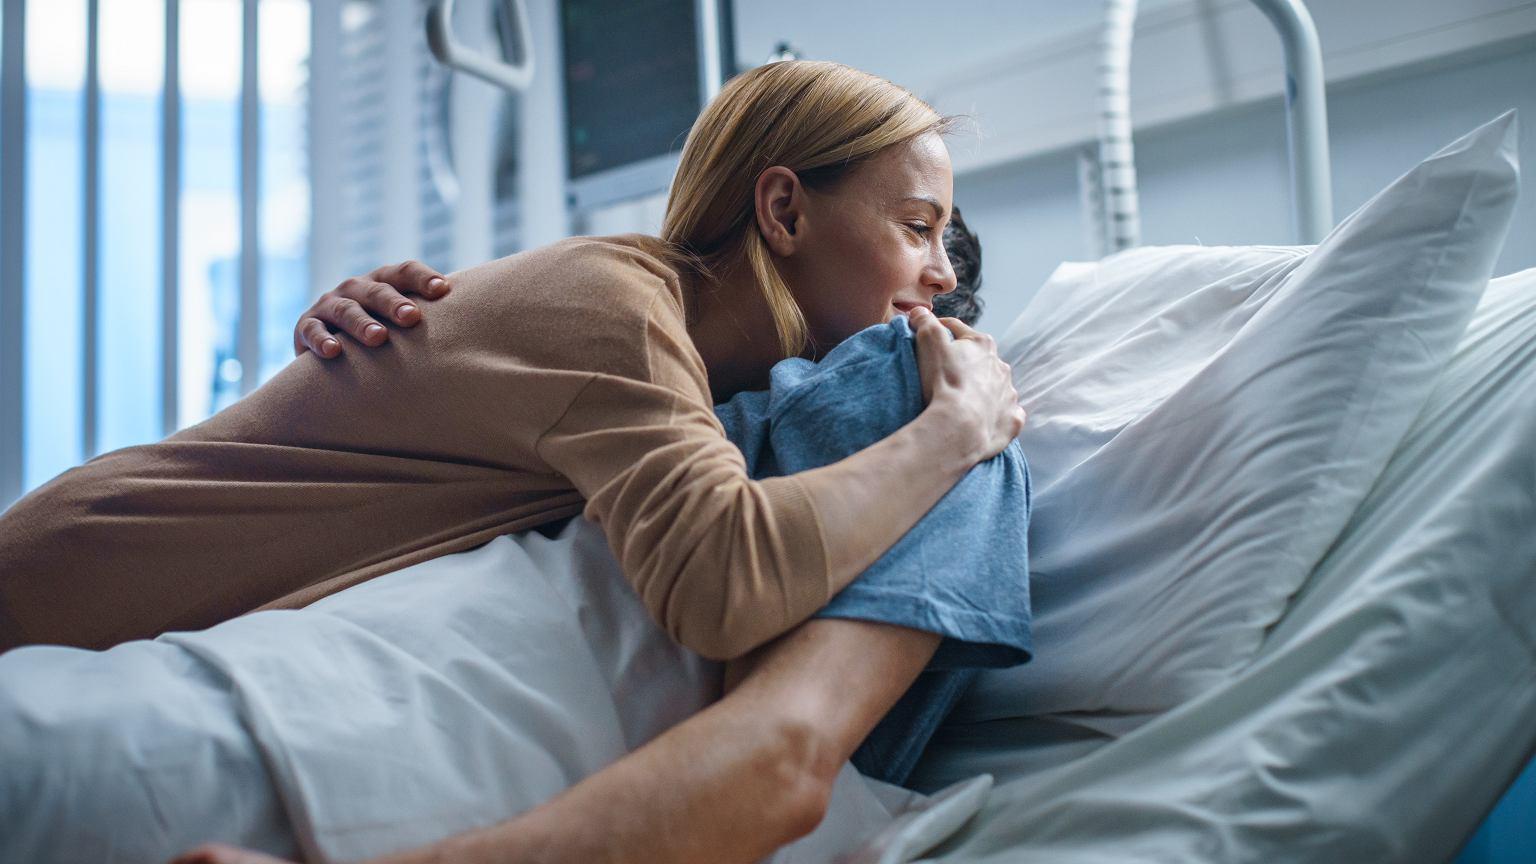 """""""Toksyczny związek musi się skończyć w gabinecie lekarskim. Prędzej czy później oni na kardiologię trafią"""""""